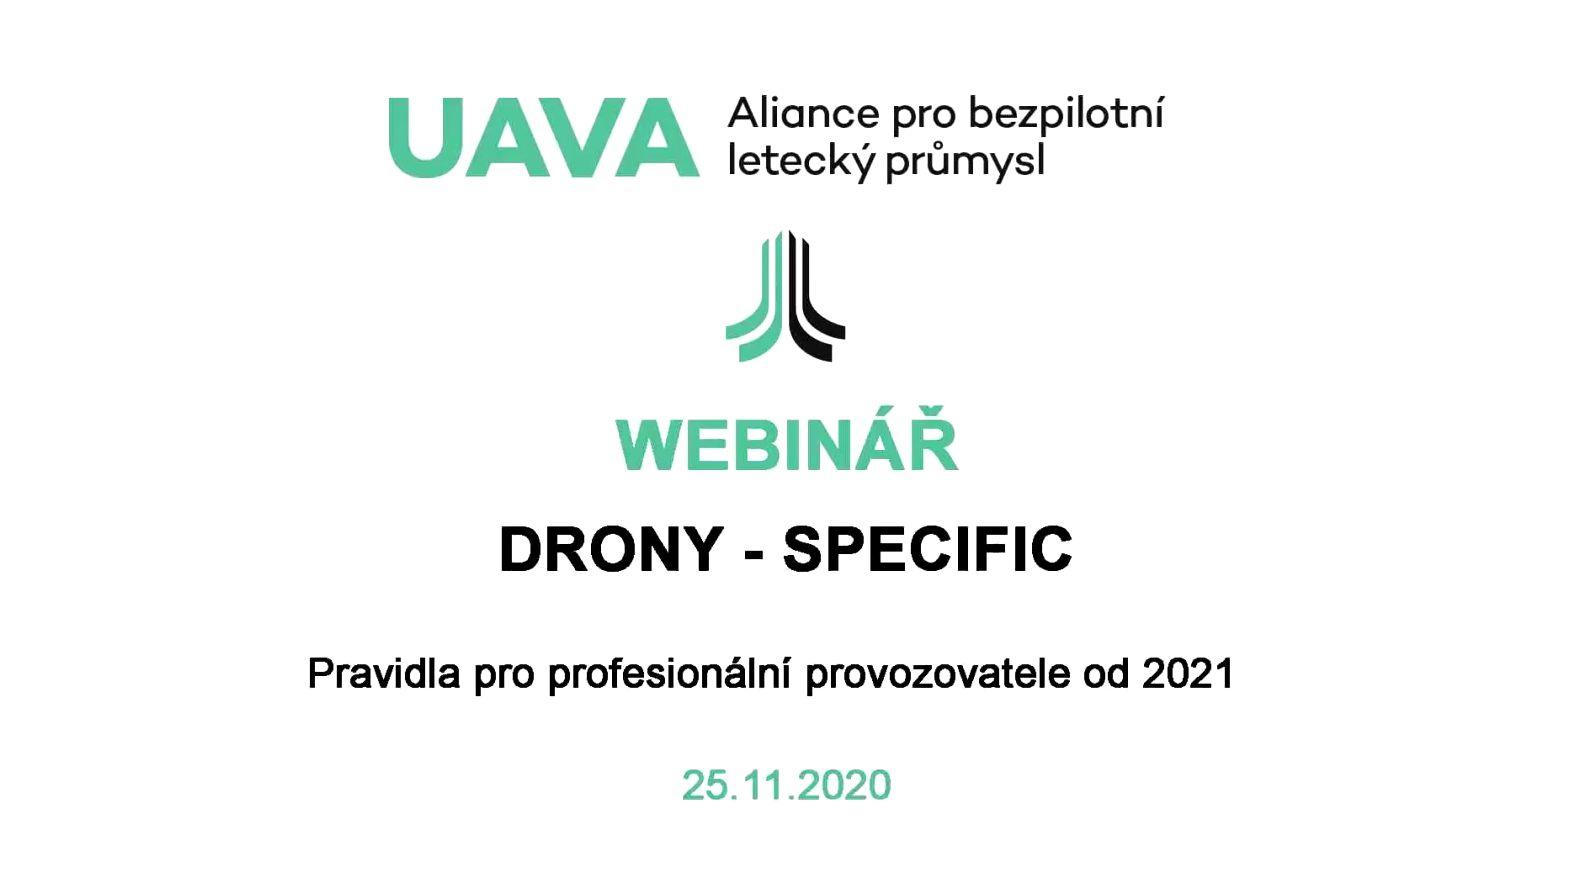 Aliance UAVA pořádala webinář ke komerčnímu provozu dronů od 31.12.2020